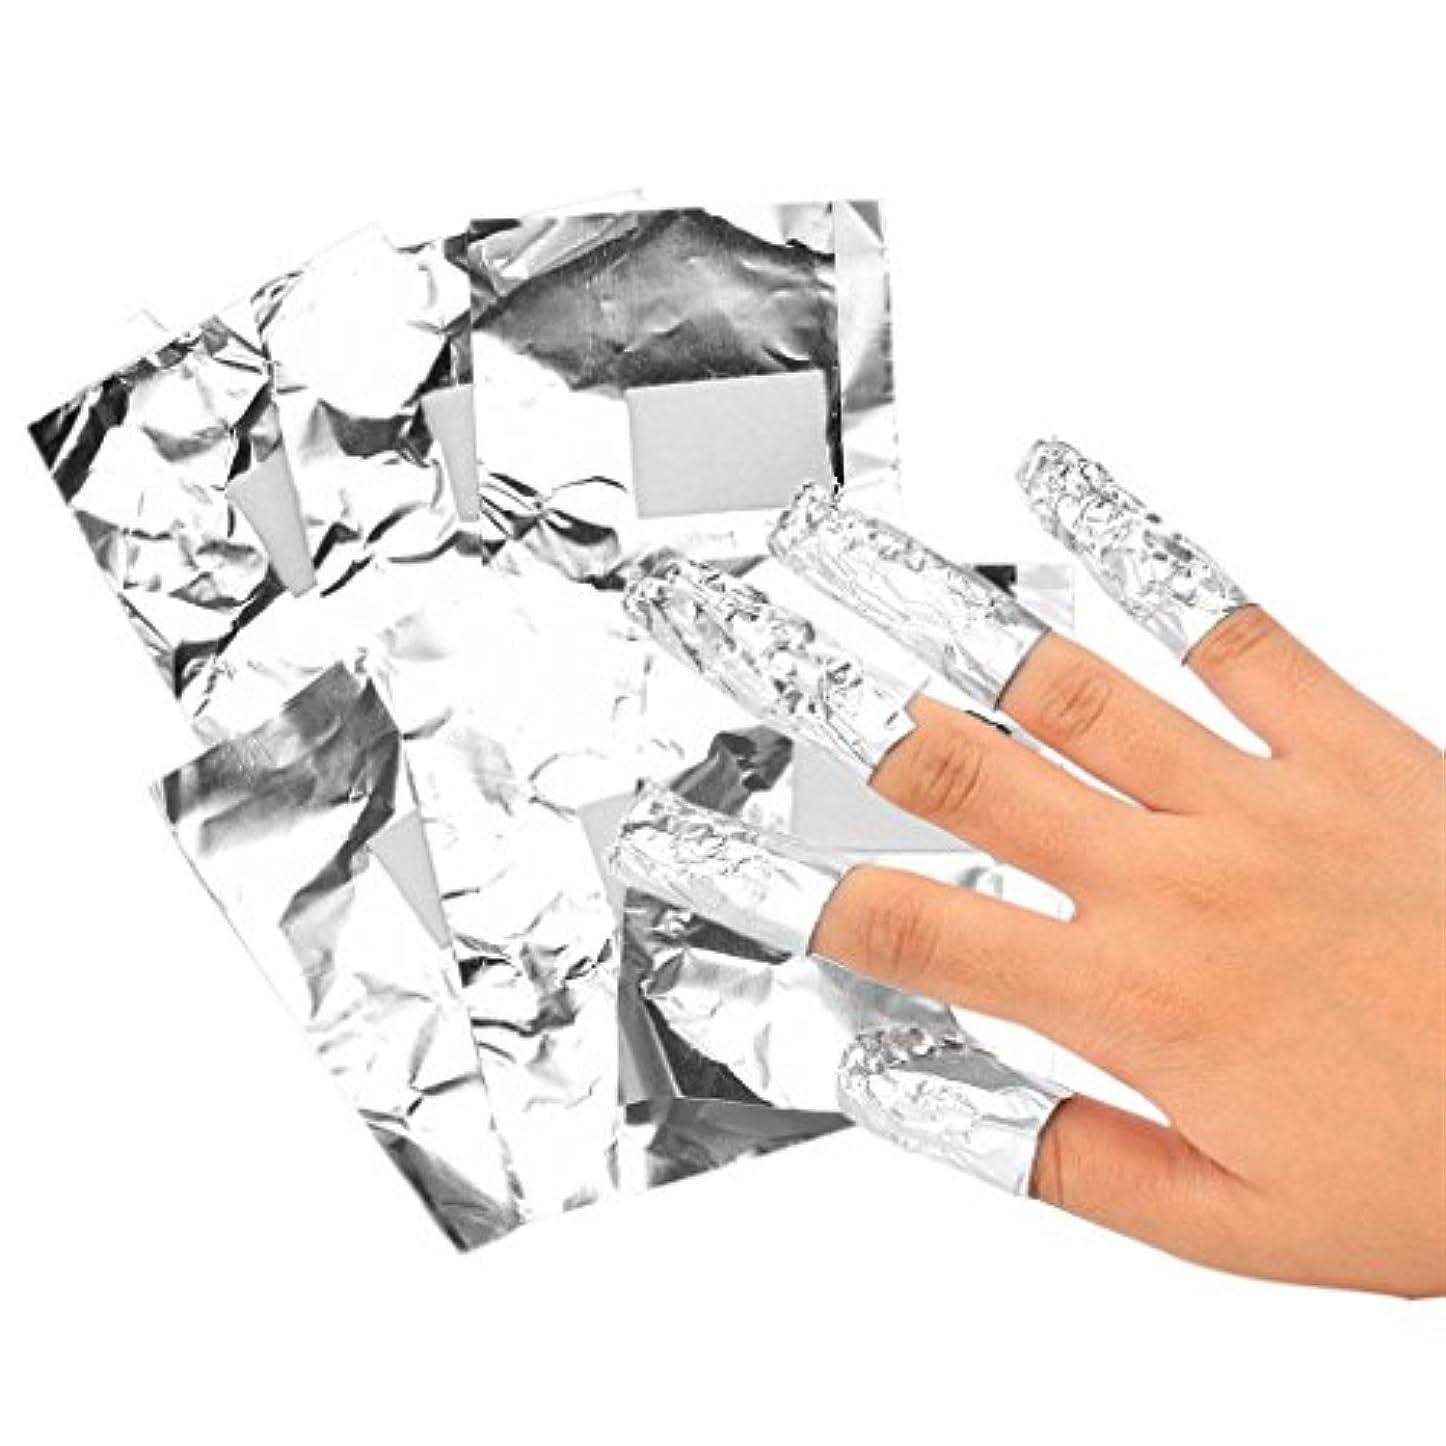 定数関係億Perfeclan 約100本入り ネイルフォイル アルミ箔 ネイルアートジェル除去ツール プロ 爪装飾除き 包み紙